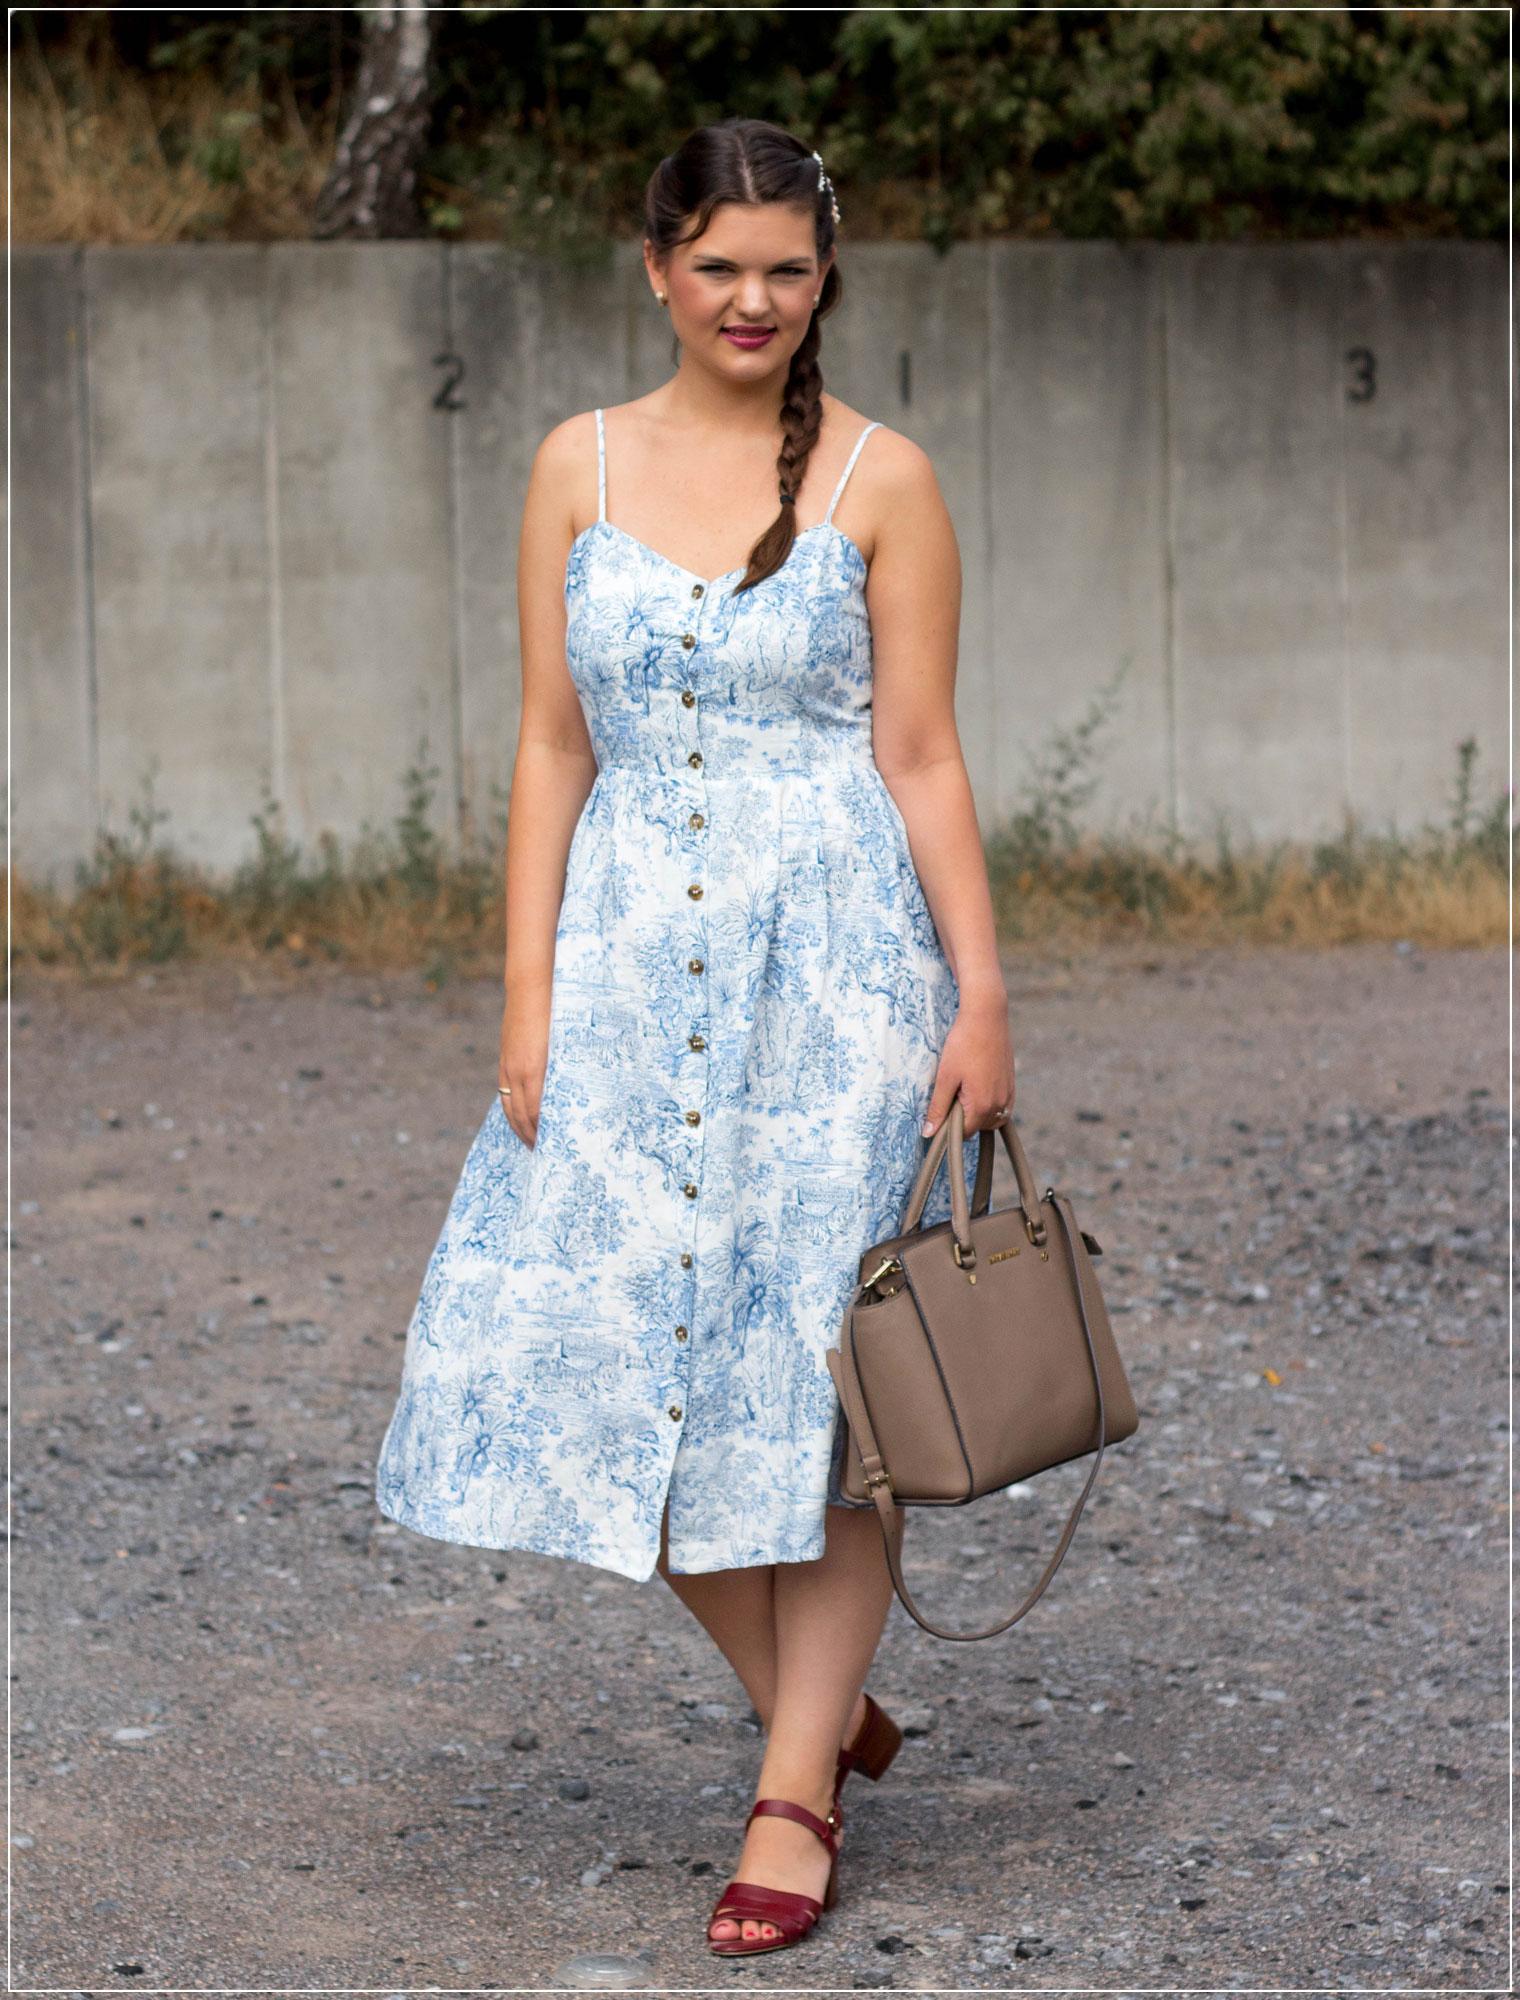 Leinen, sommerlich schick kombinieren, Material, Modetrend, Styleguide, Outfitinspiration, Modebloggerin, Fashionbloggerin, Modeblog, Ruhrgebiet